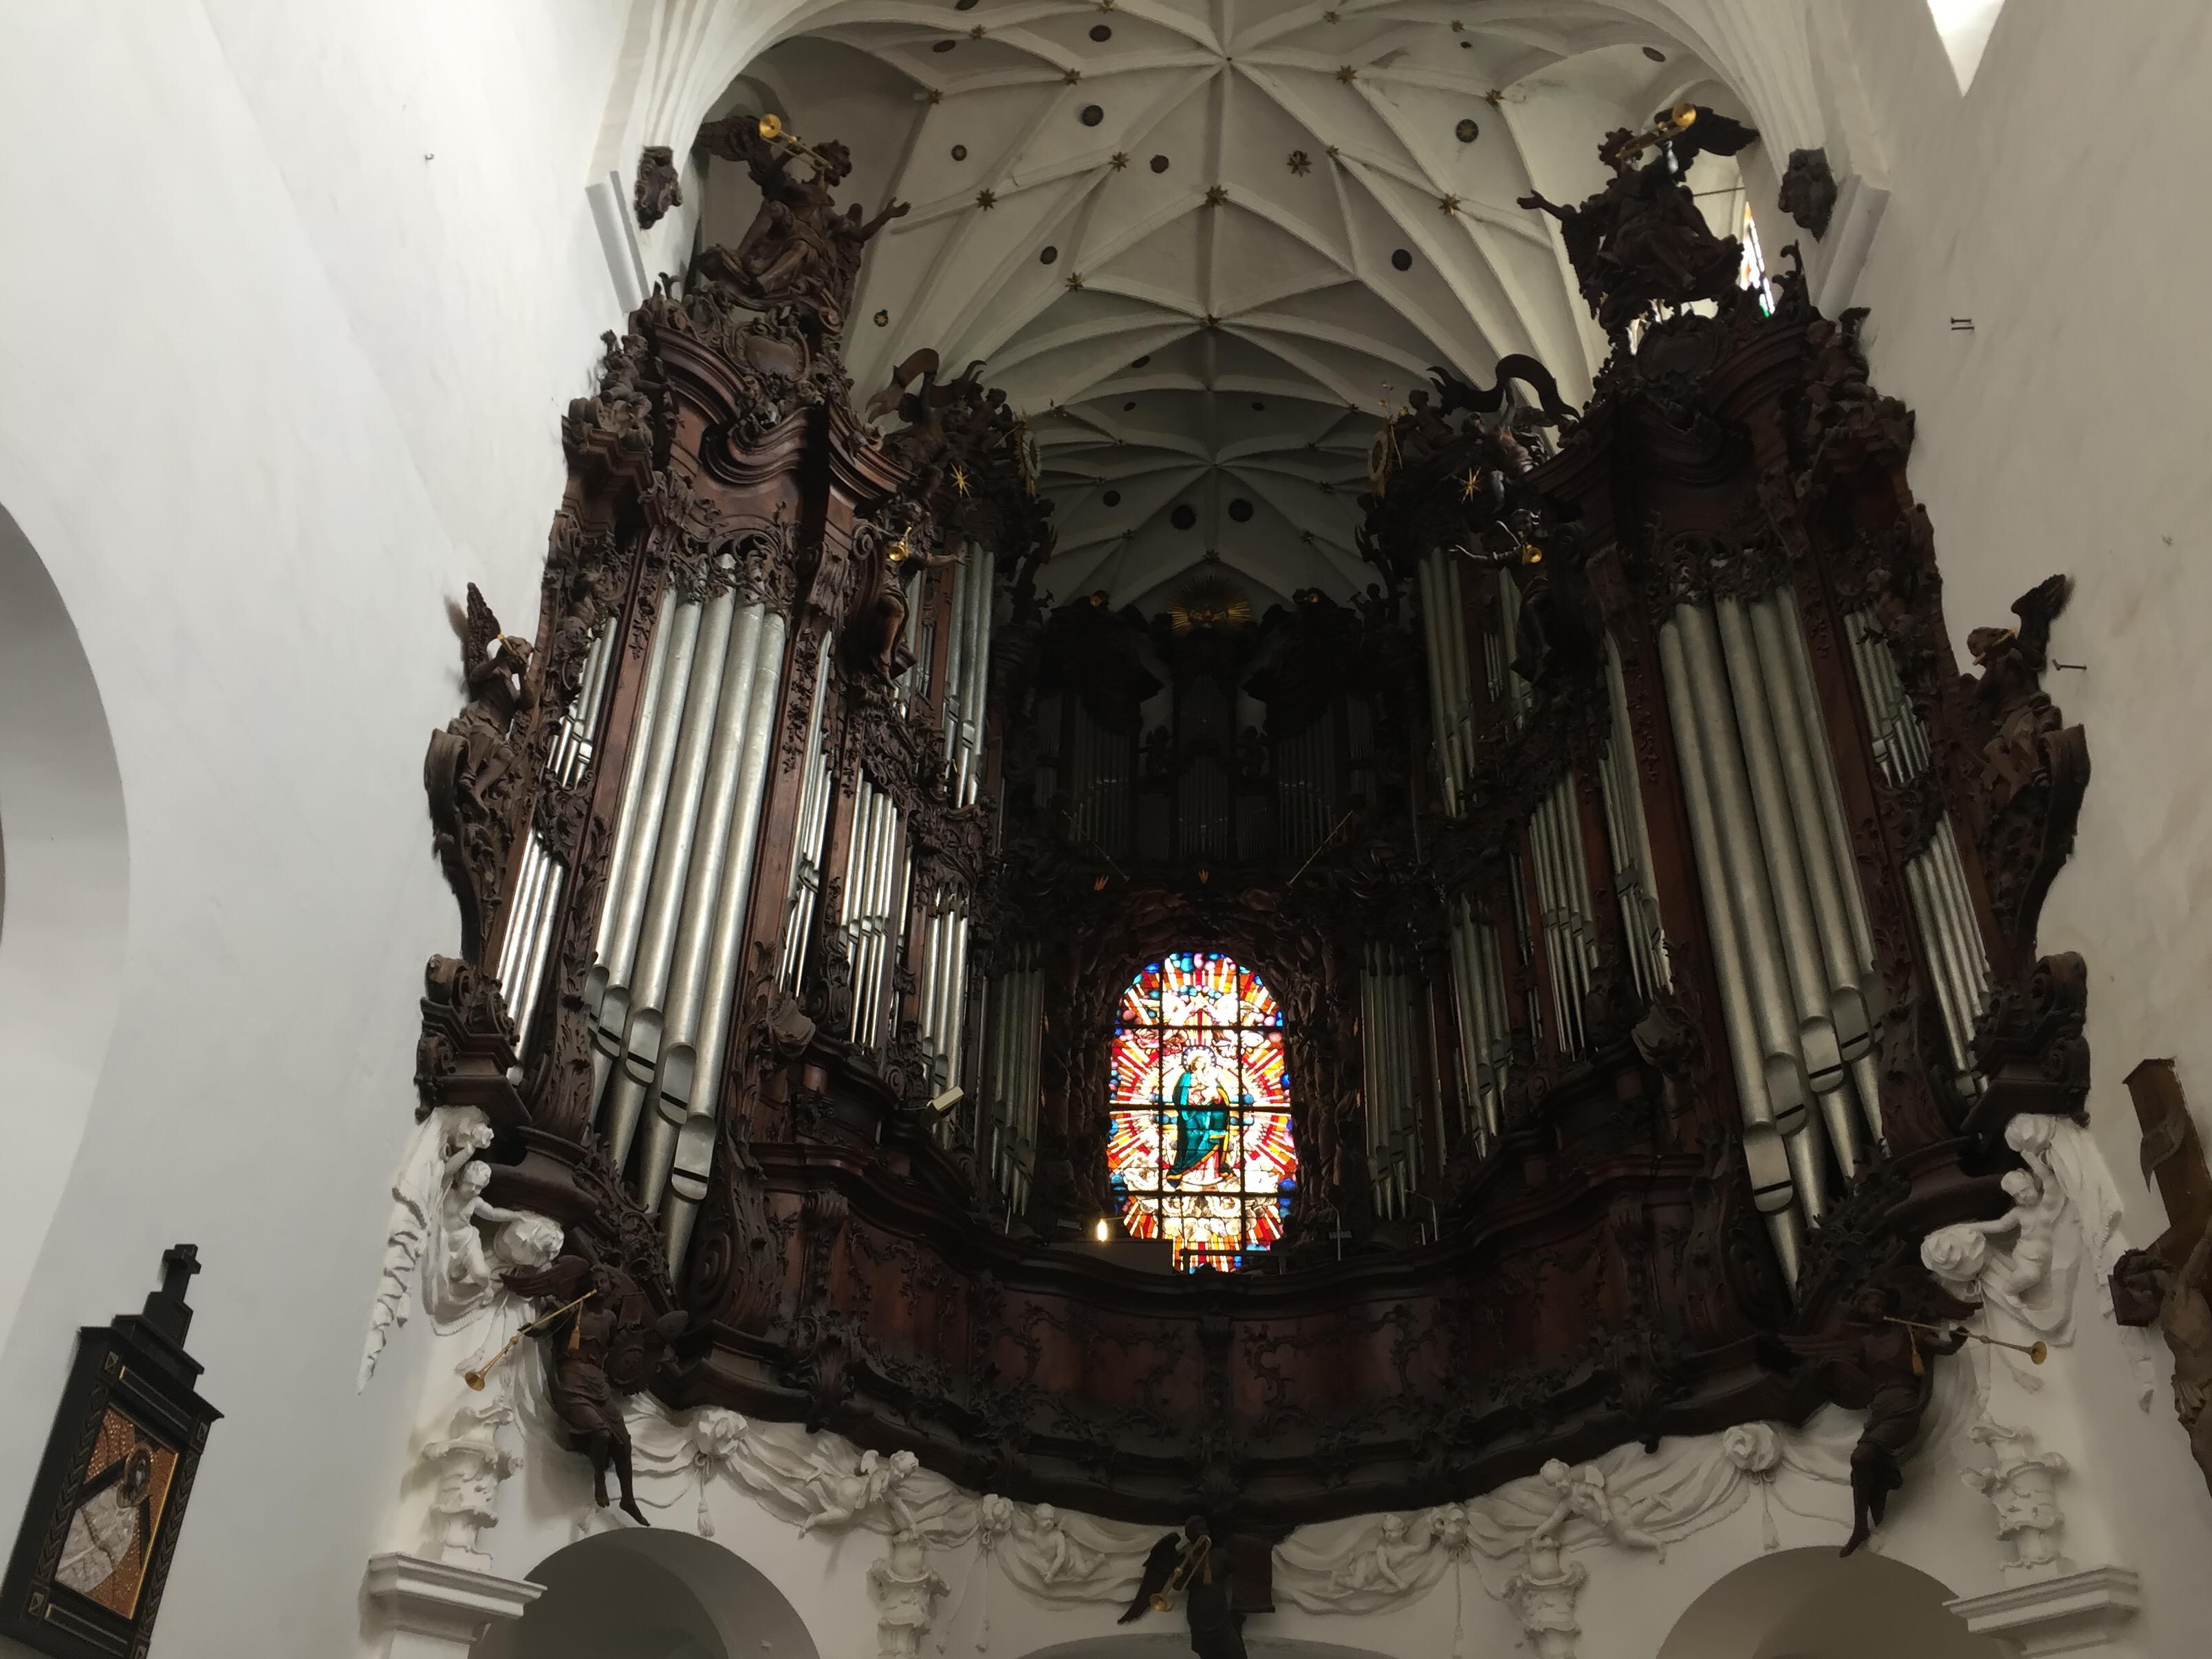 Oliwa Cathedral Organ – Gdansk, Poland